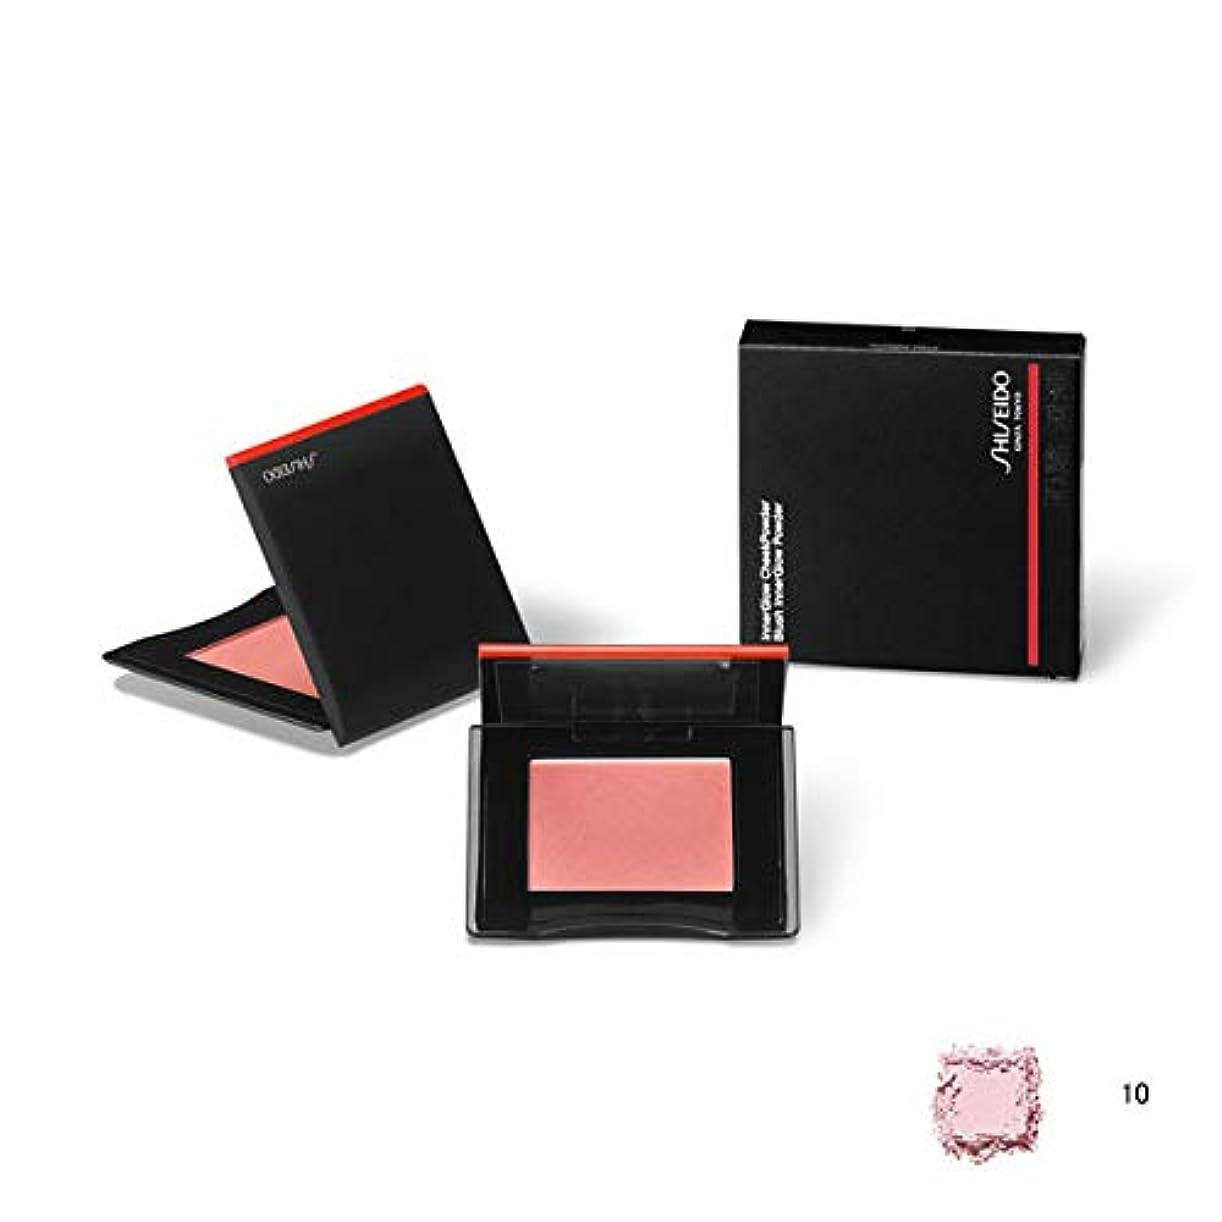 秋評価可能宮殿SHISEIDO Makeup(資生堂 メーキャップ) SHISEIDO(資生堂) SHISEIDO インナーグロウ チークパウダー 4g (10)